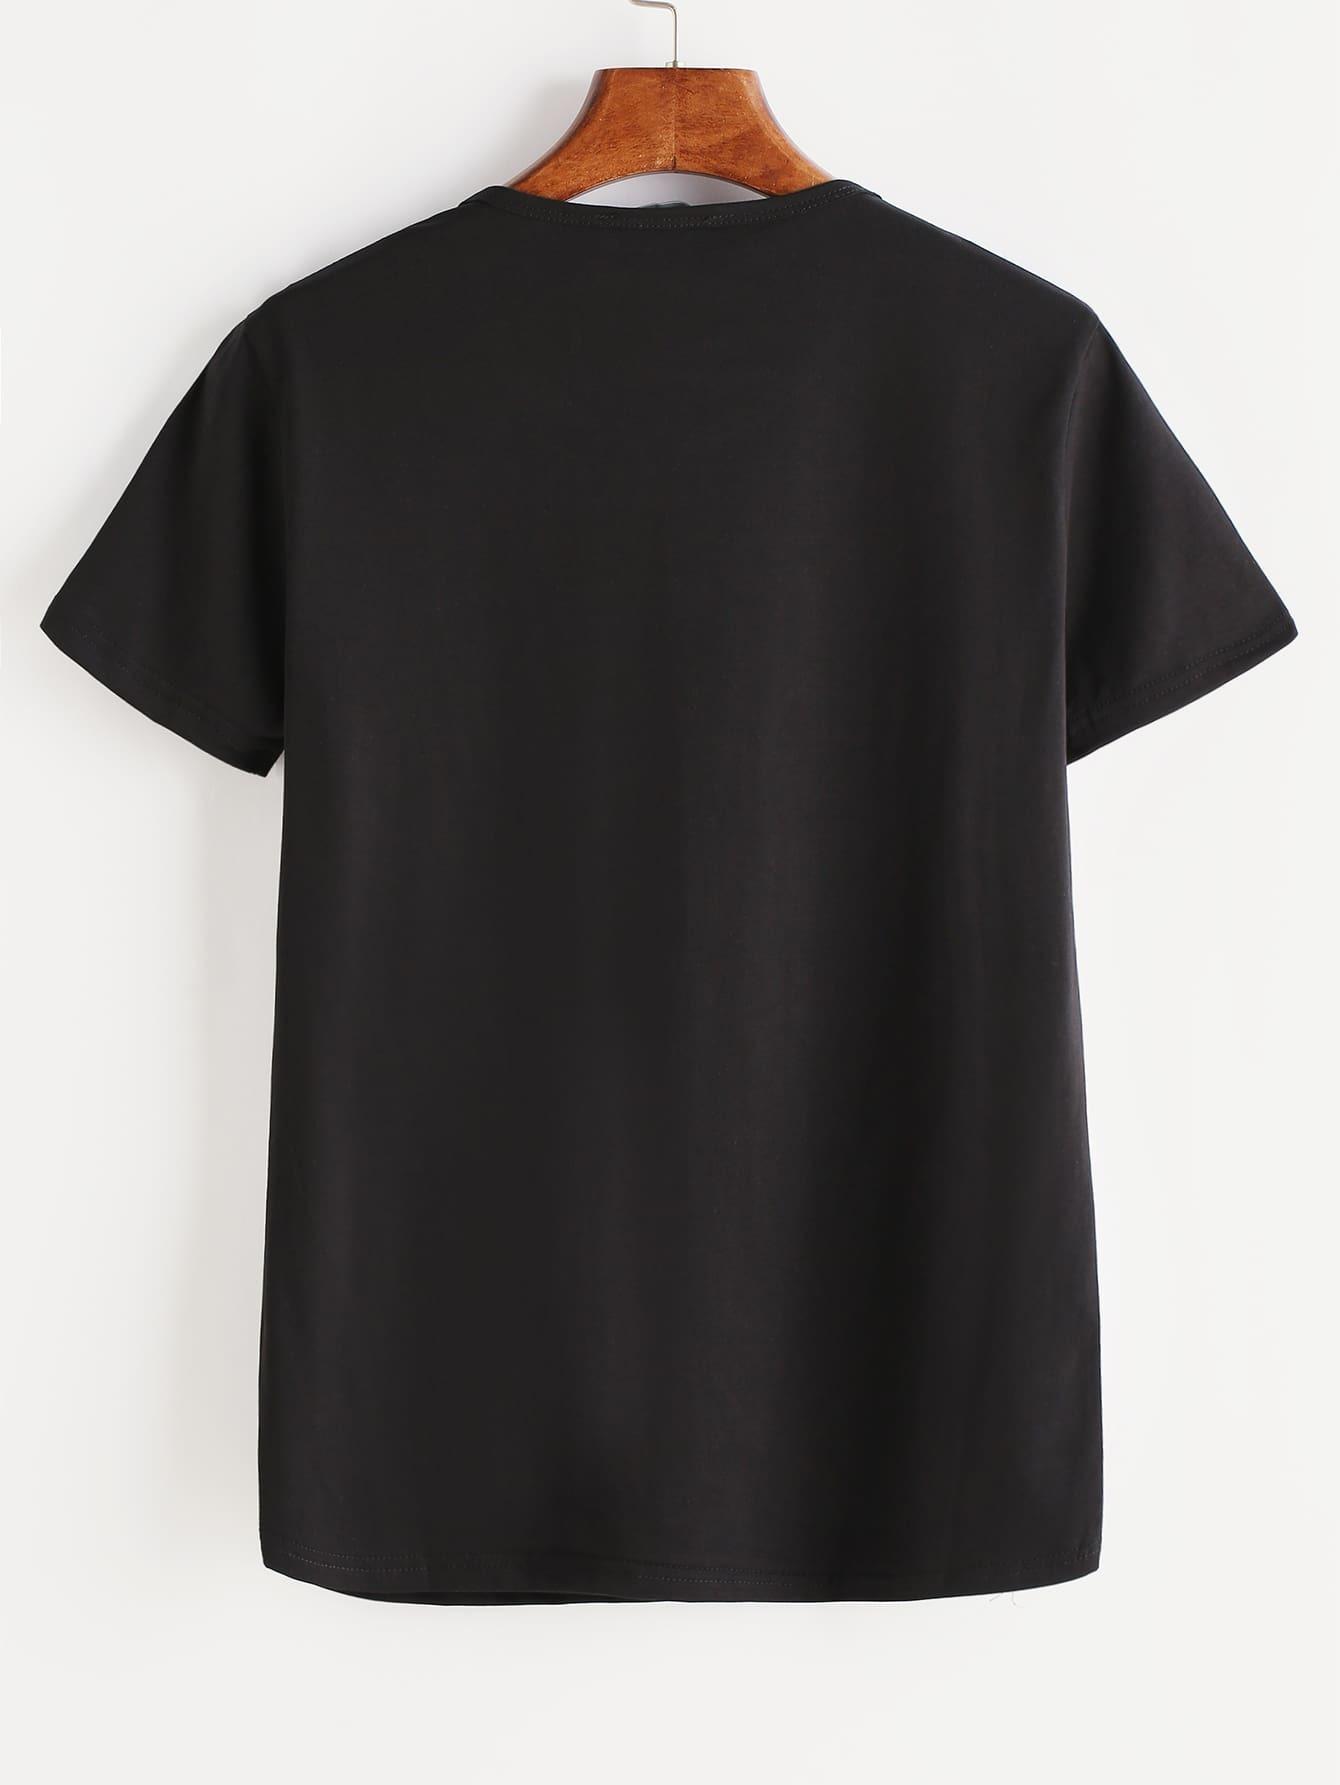 imprimer t shirt men noir french romwe. Black Bedroom Furniture Sets. Home Design Ideas